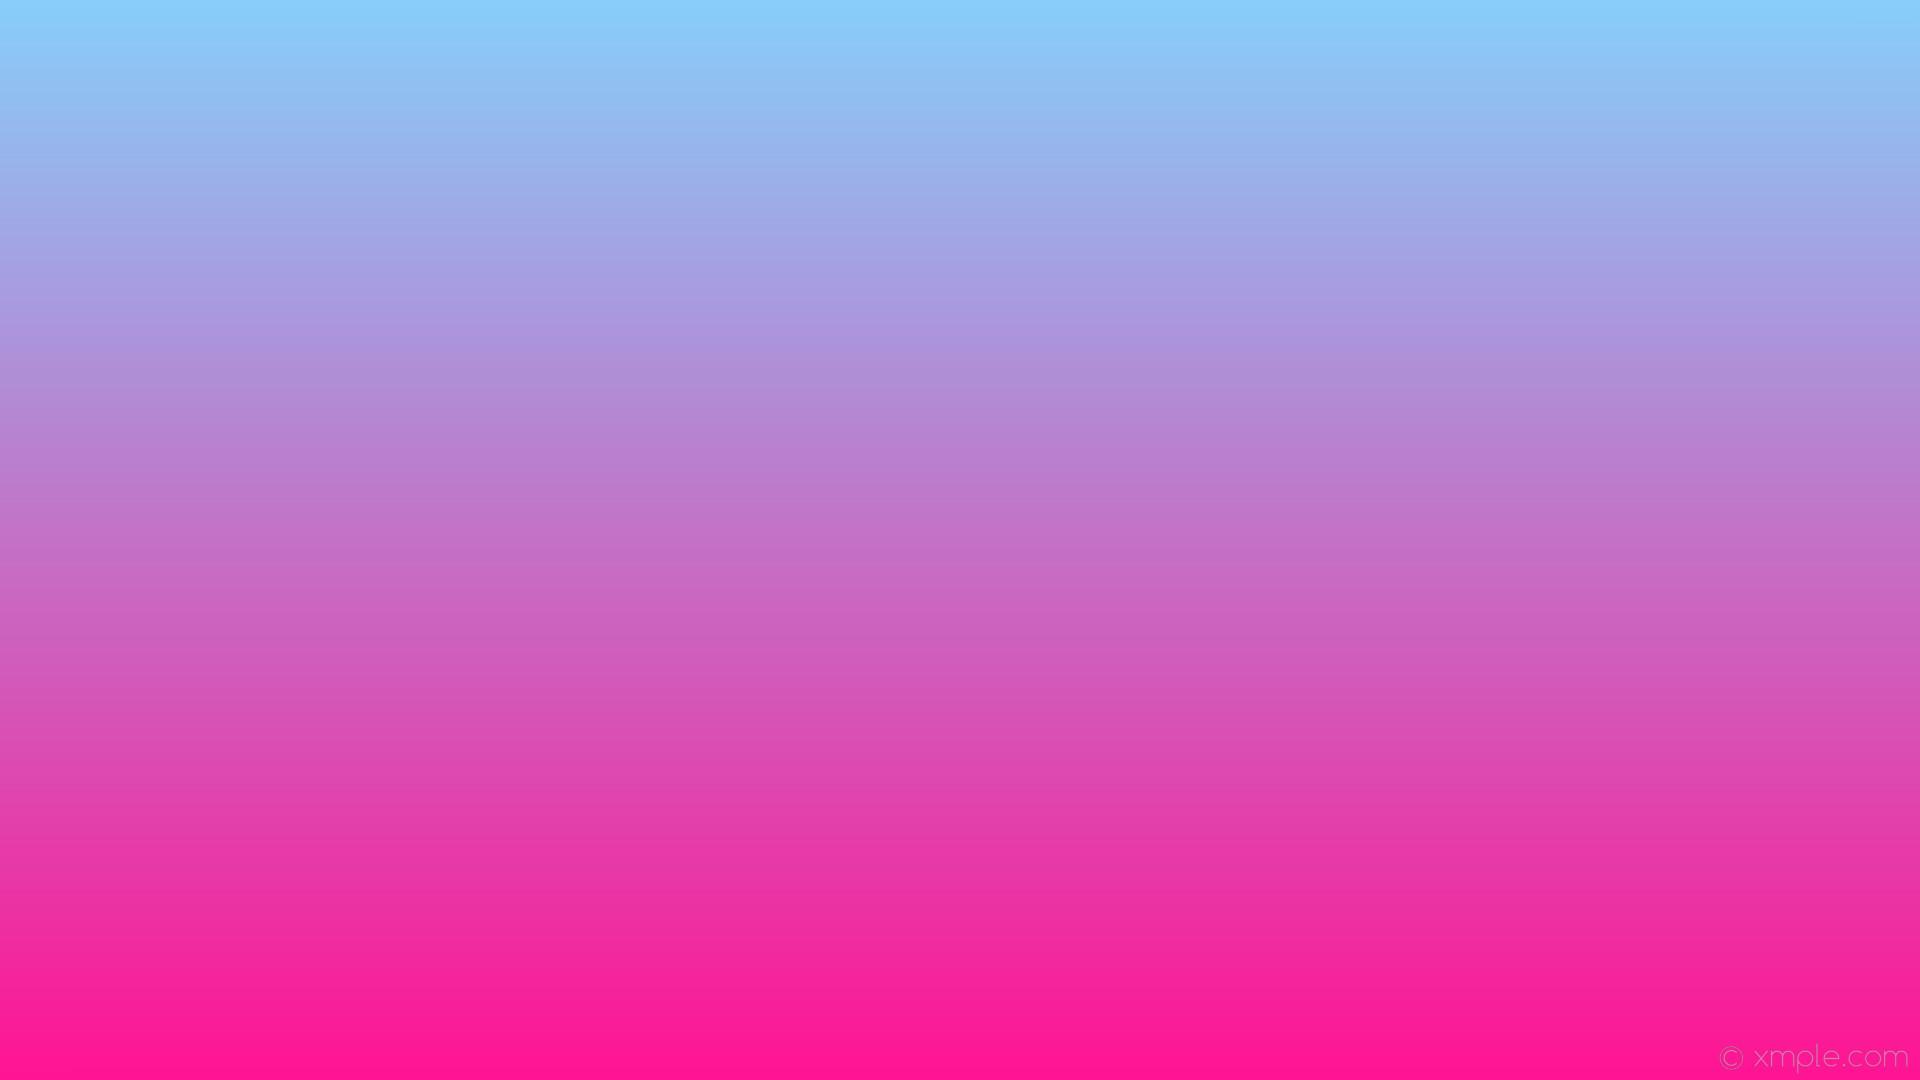 wallpaper blue linear gradient pink deep pink light sky blue #ff1493  #87cefa 270°